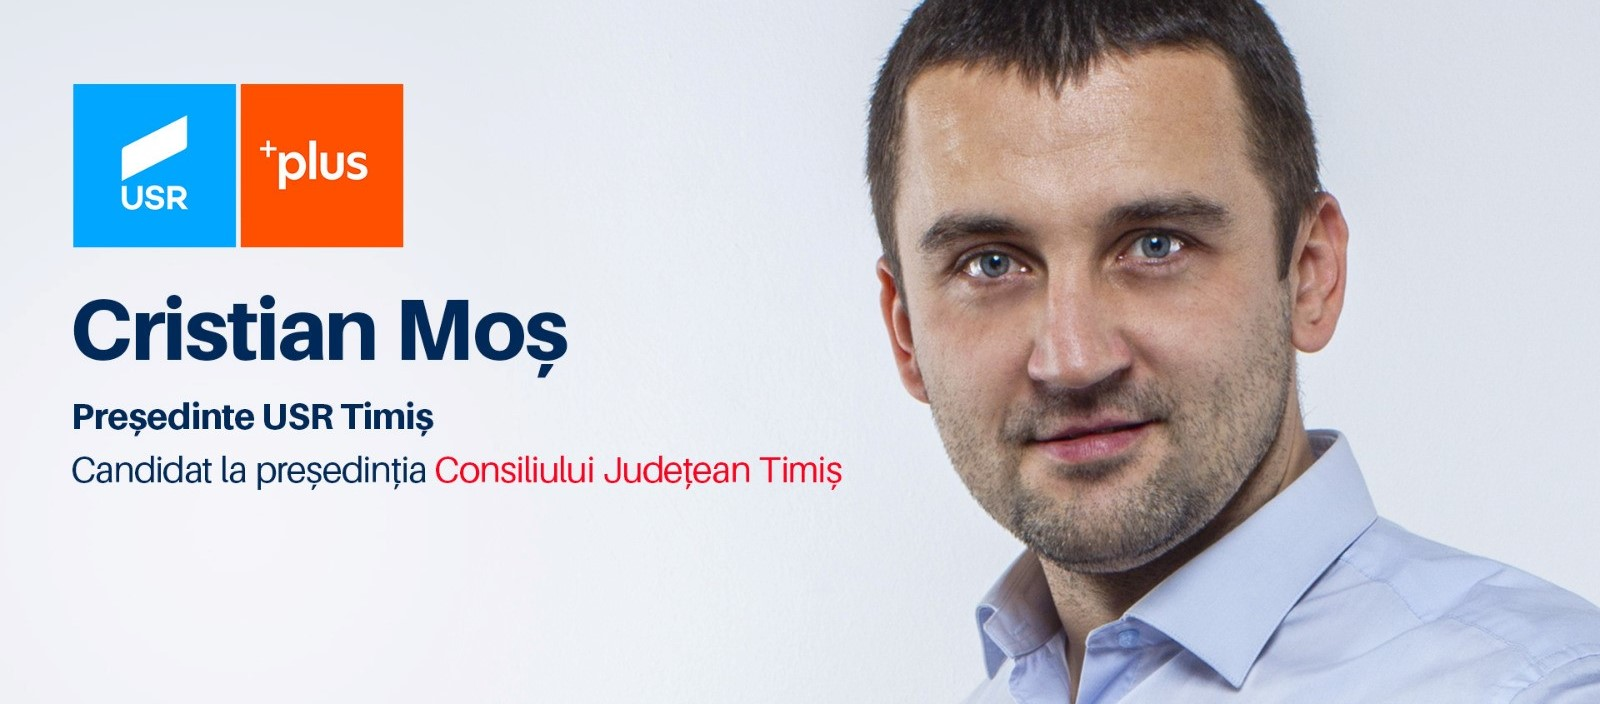 Cristian Moș USR PLUS Timiș Președinte Consiliul Județean